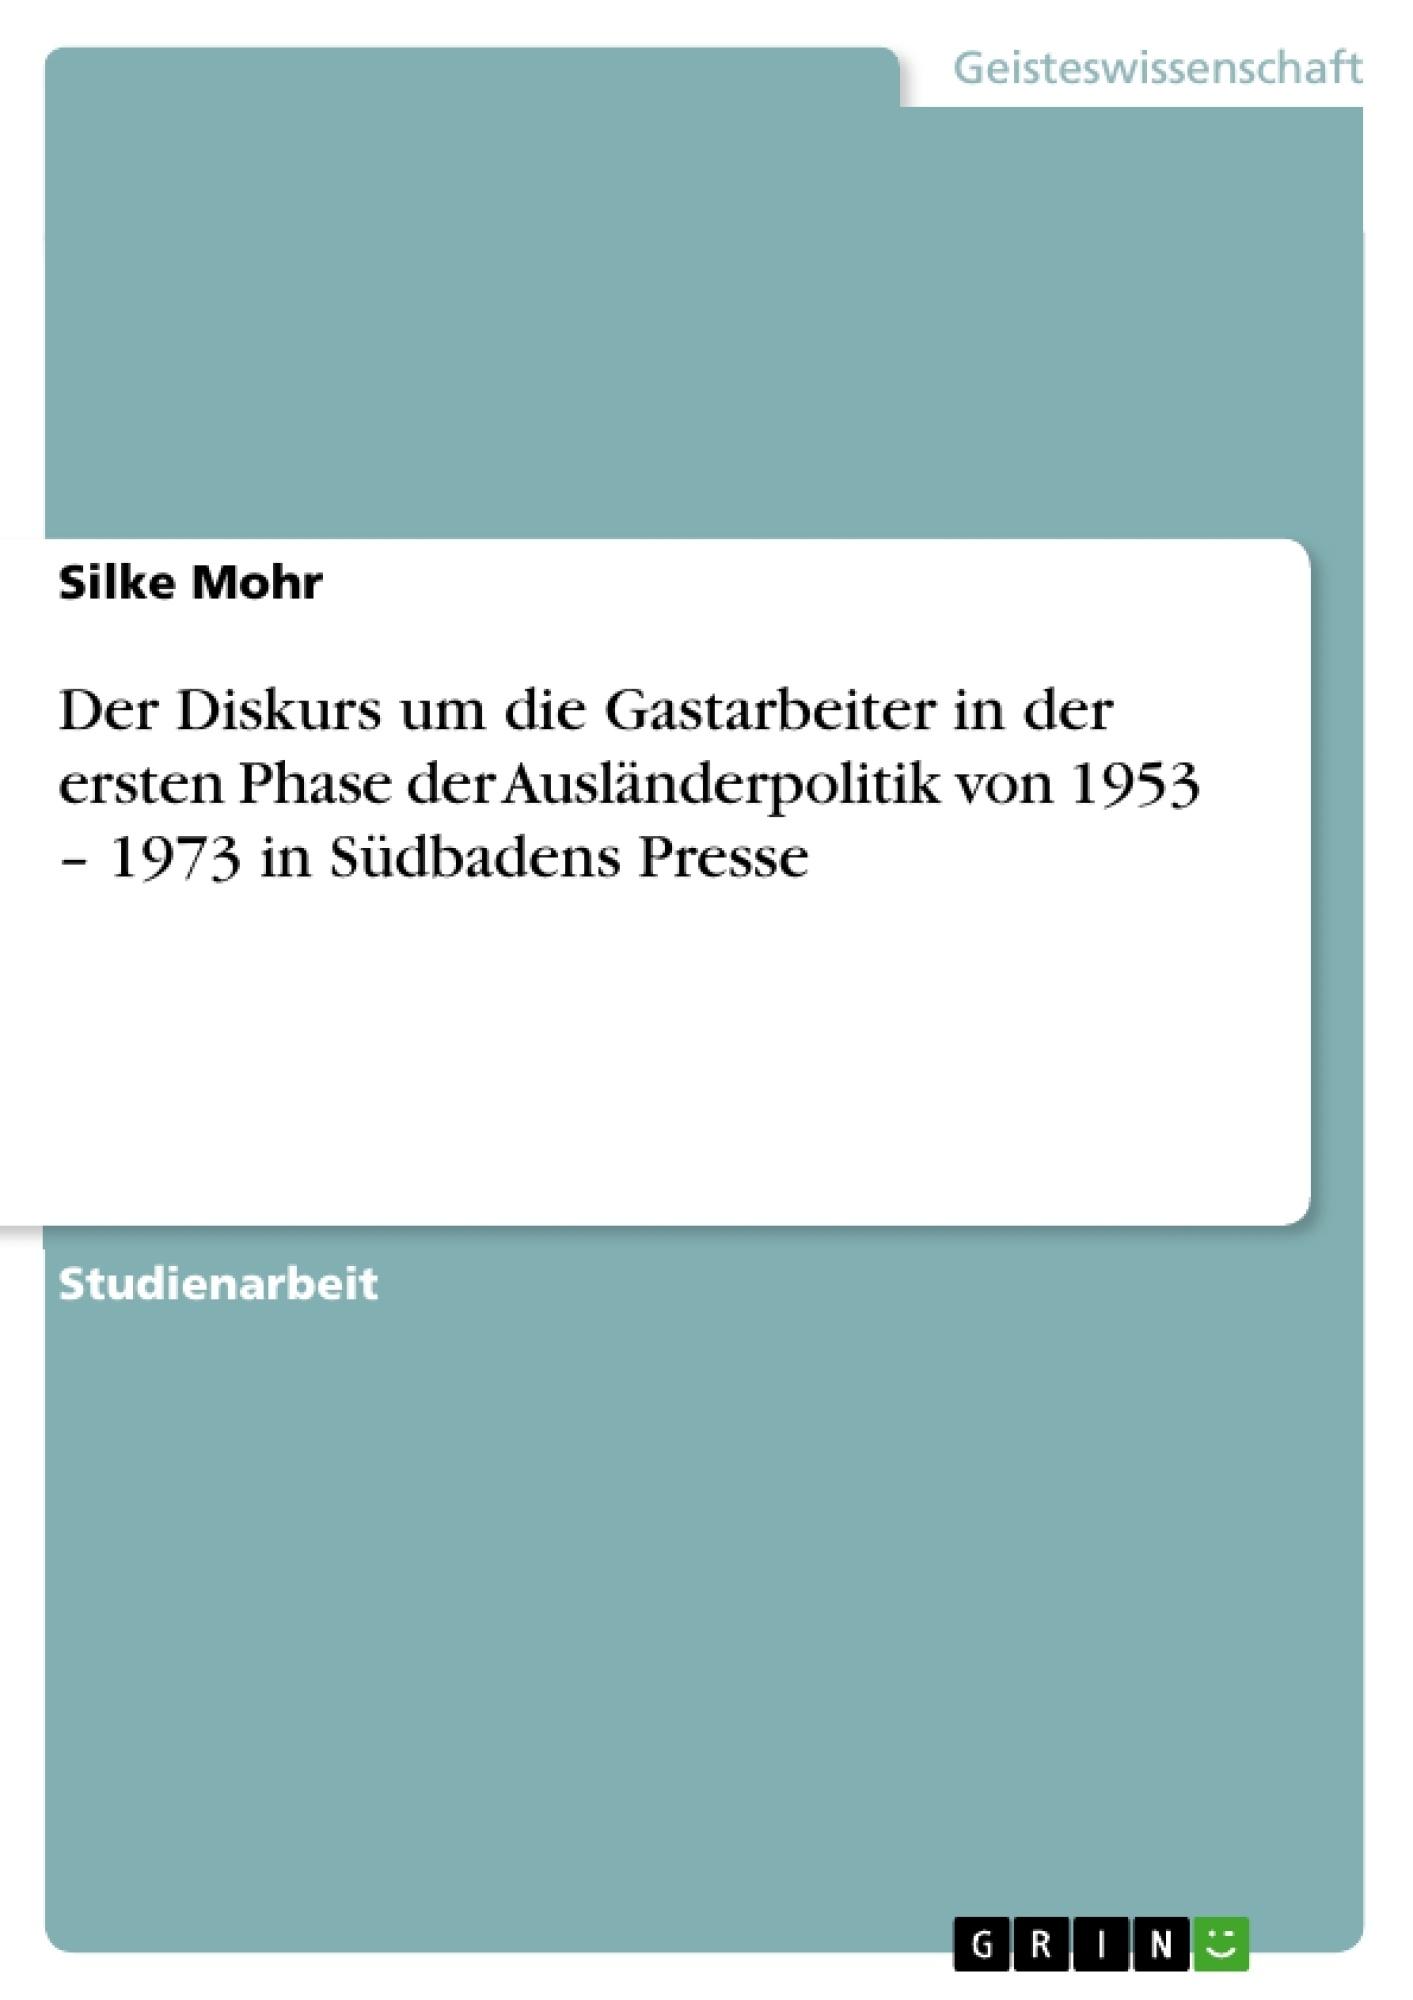 Titel: Der Diskurs um die Gastarbeiter in der ersten Phase der Ausländerpolitik von 1953 – 1973 in Südbadens Presse